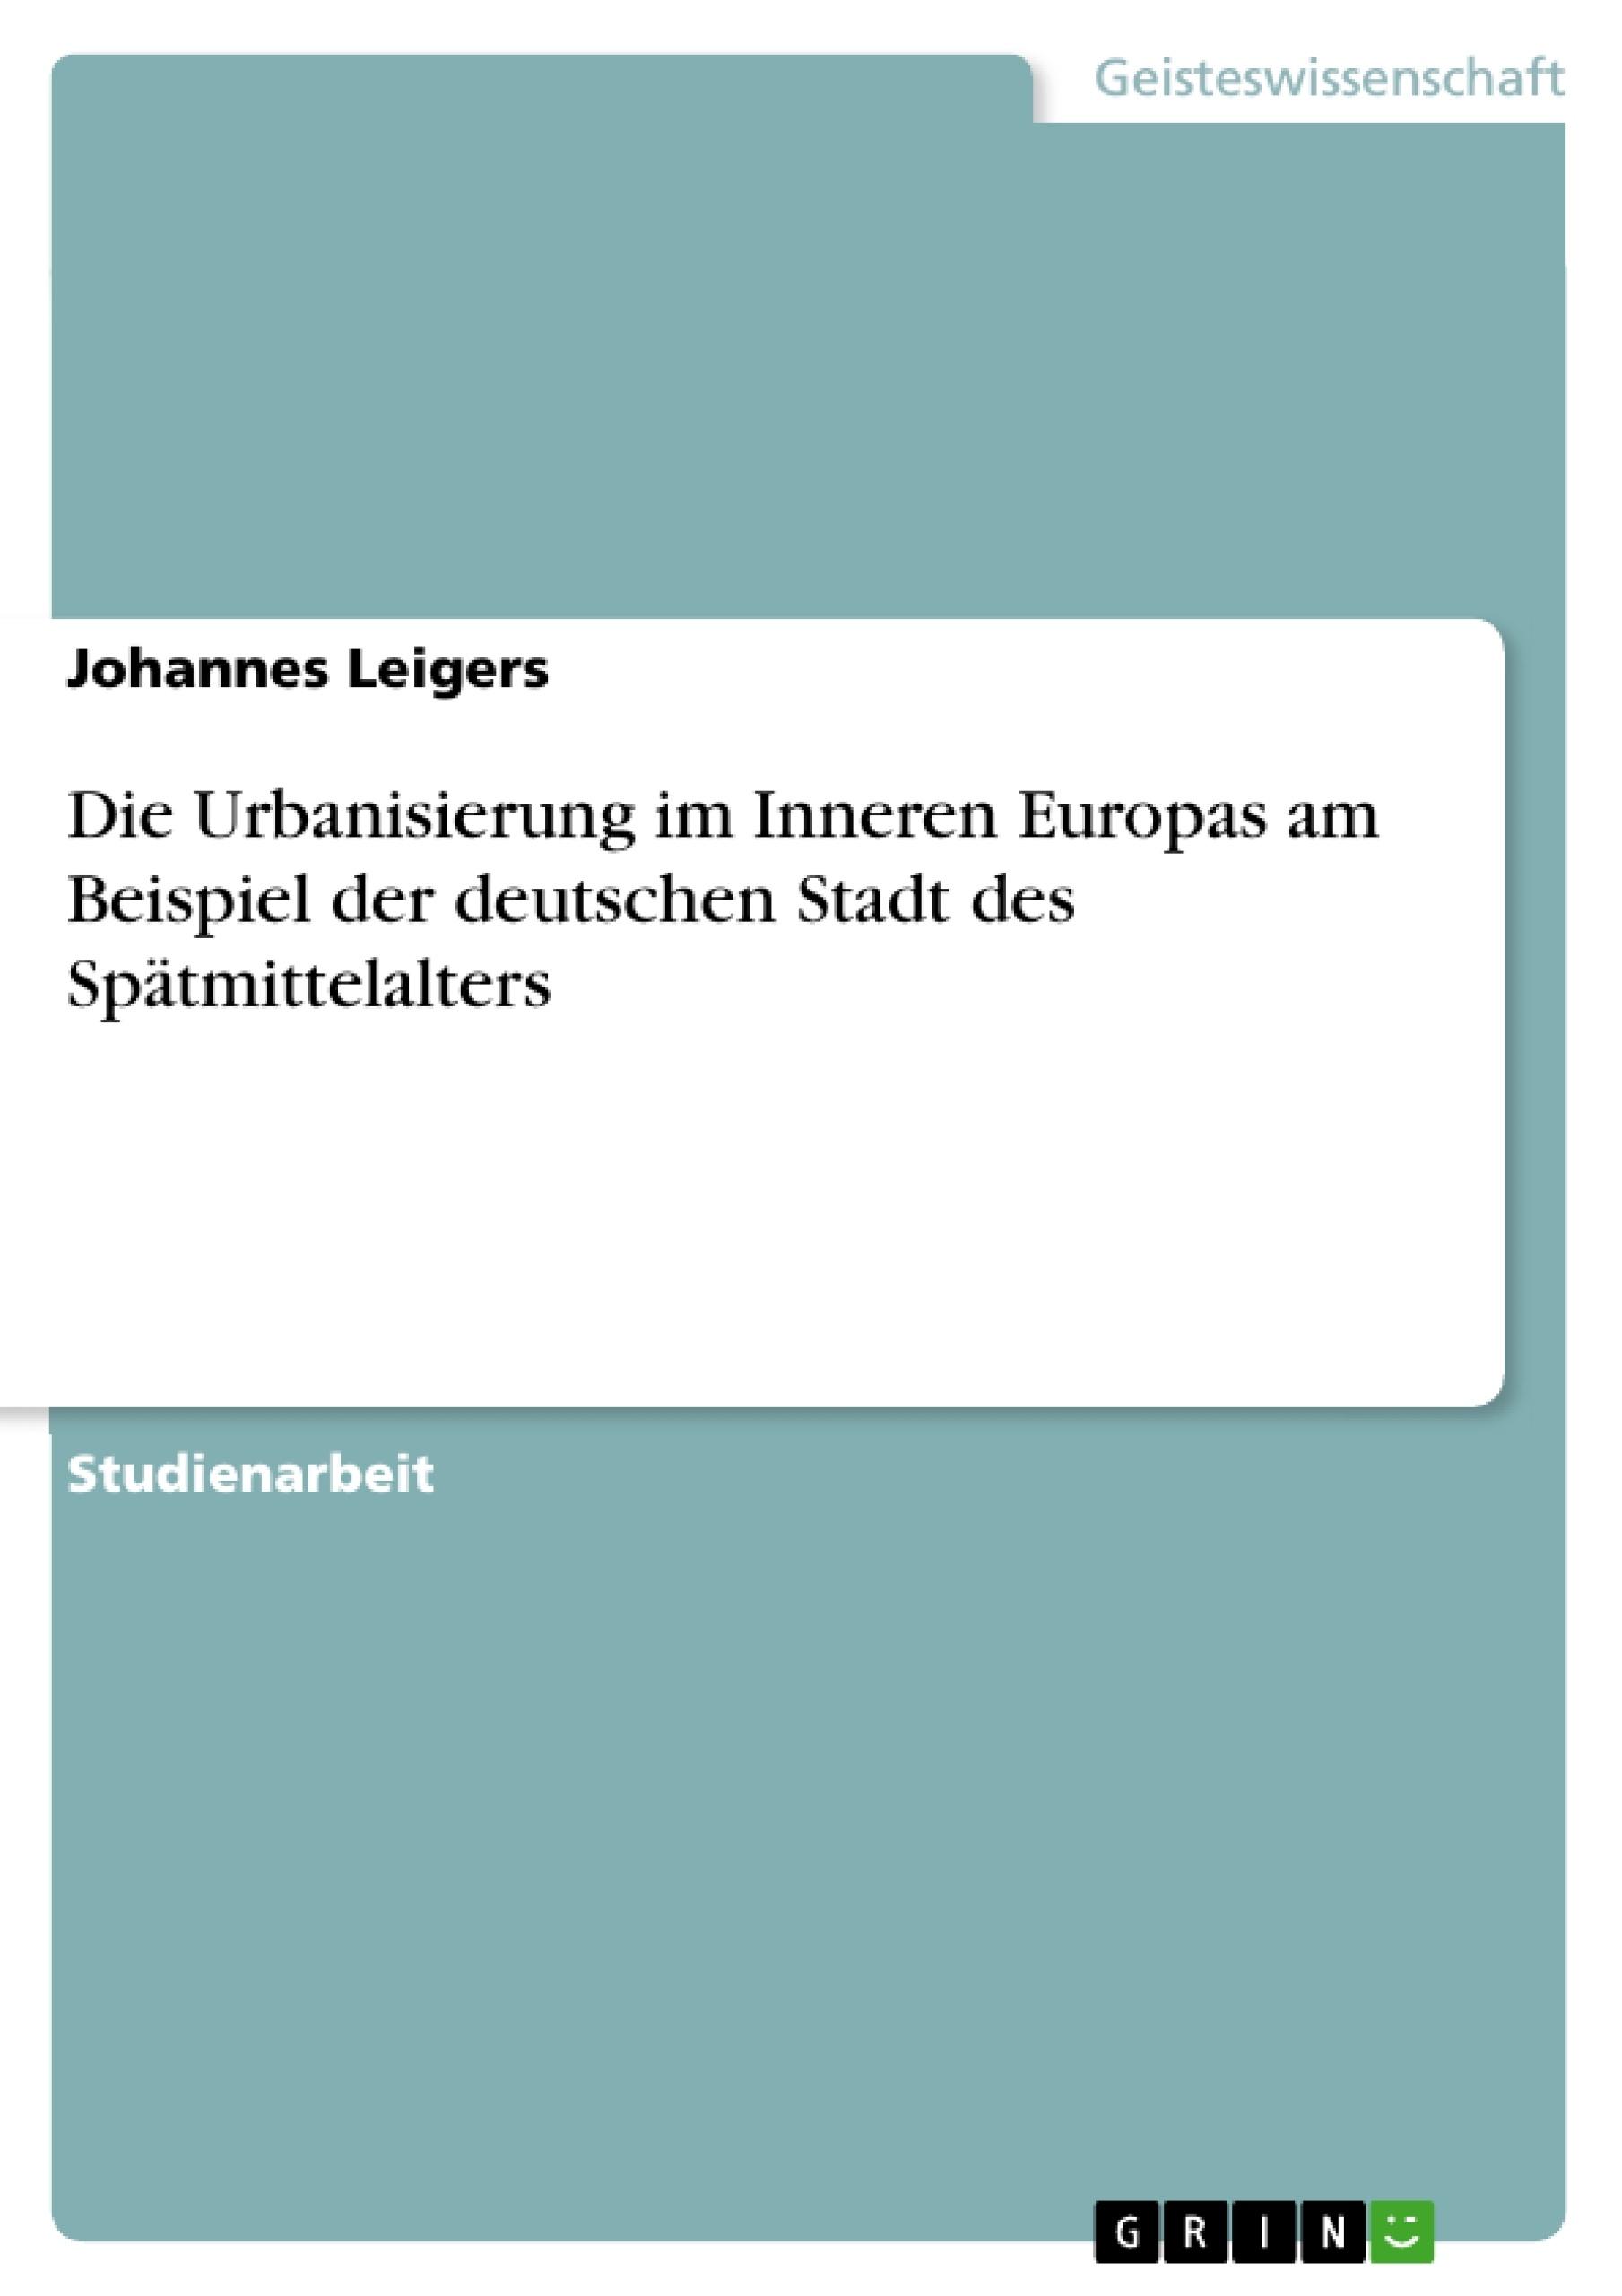 Titel: Die Urbanisierung im Inneren Europas am Beispiel der deutschen Stadt des Spätmittelalters